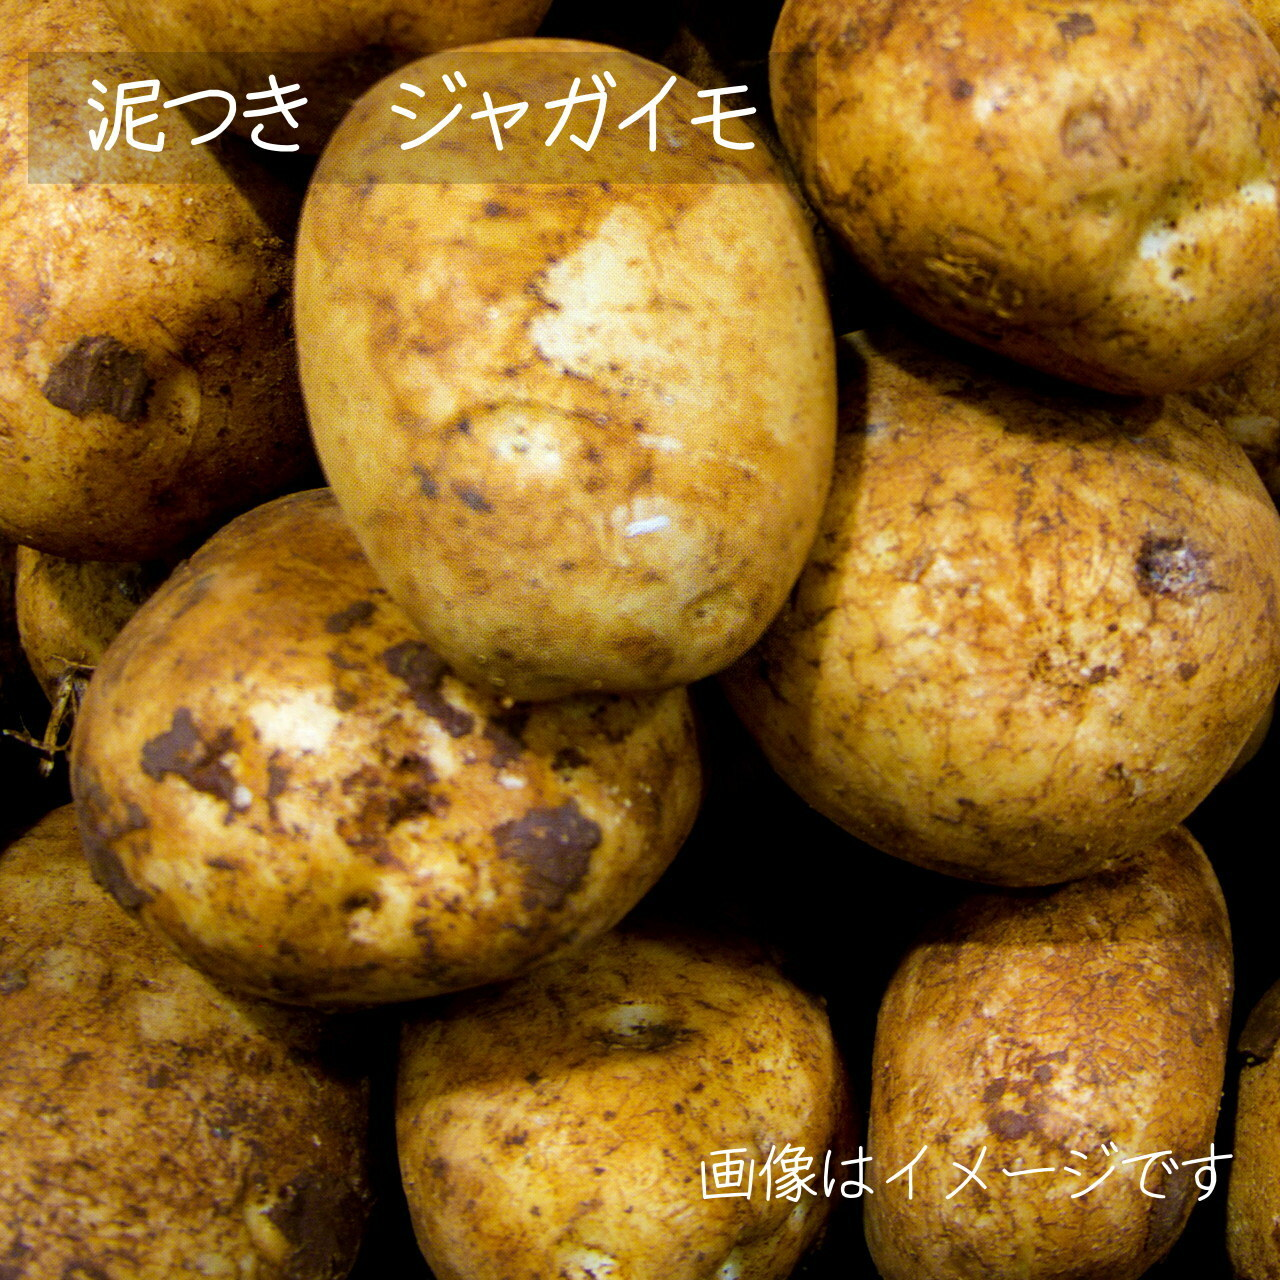 8月の新鮮夏野菜 : ジャガイモ 約600g 8月の朝採り直売野菜 8月17日発送予定